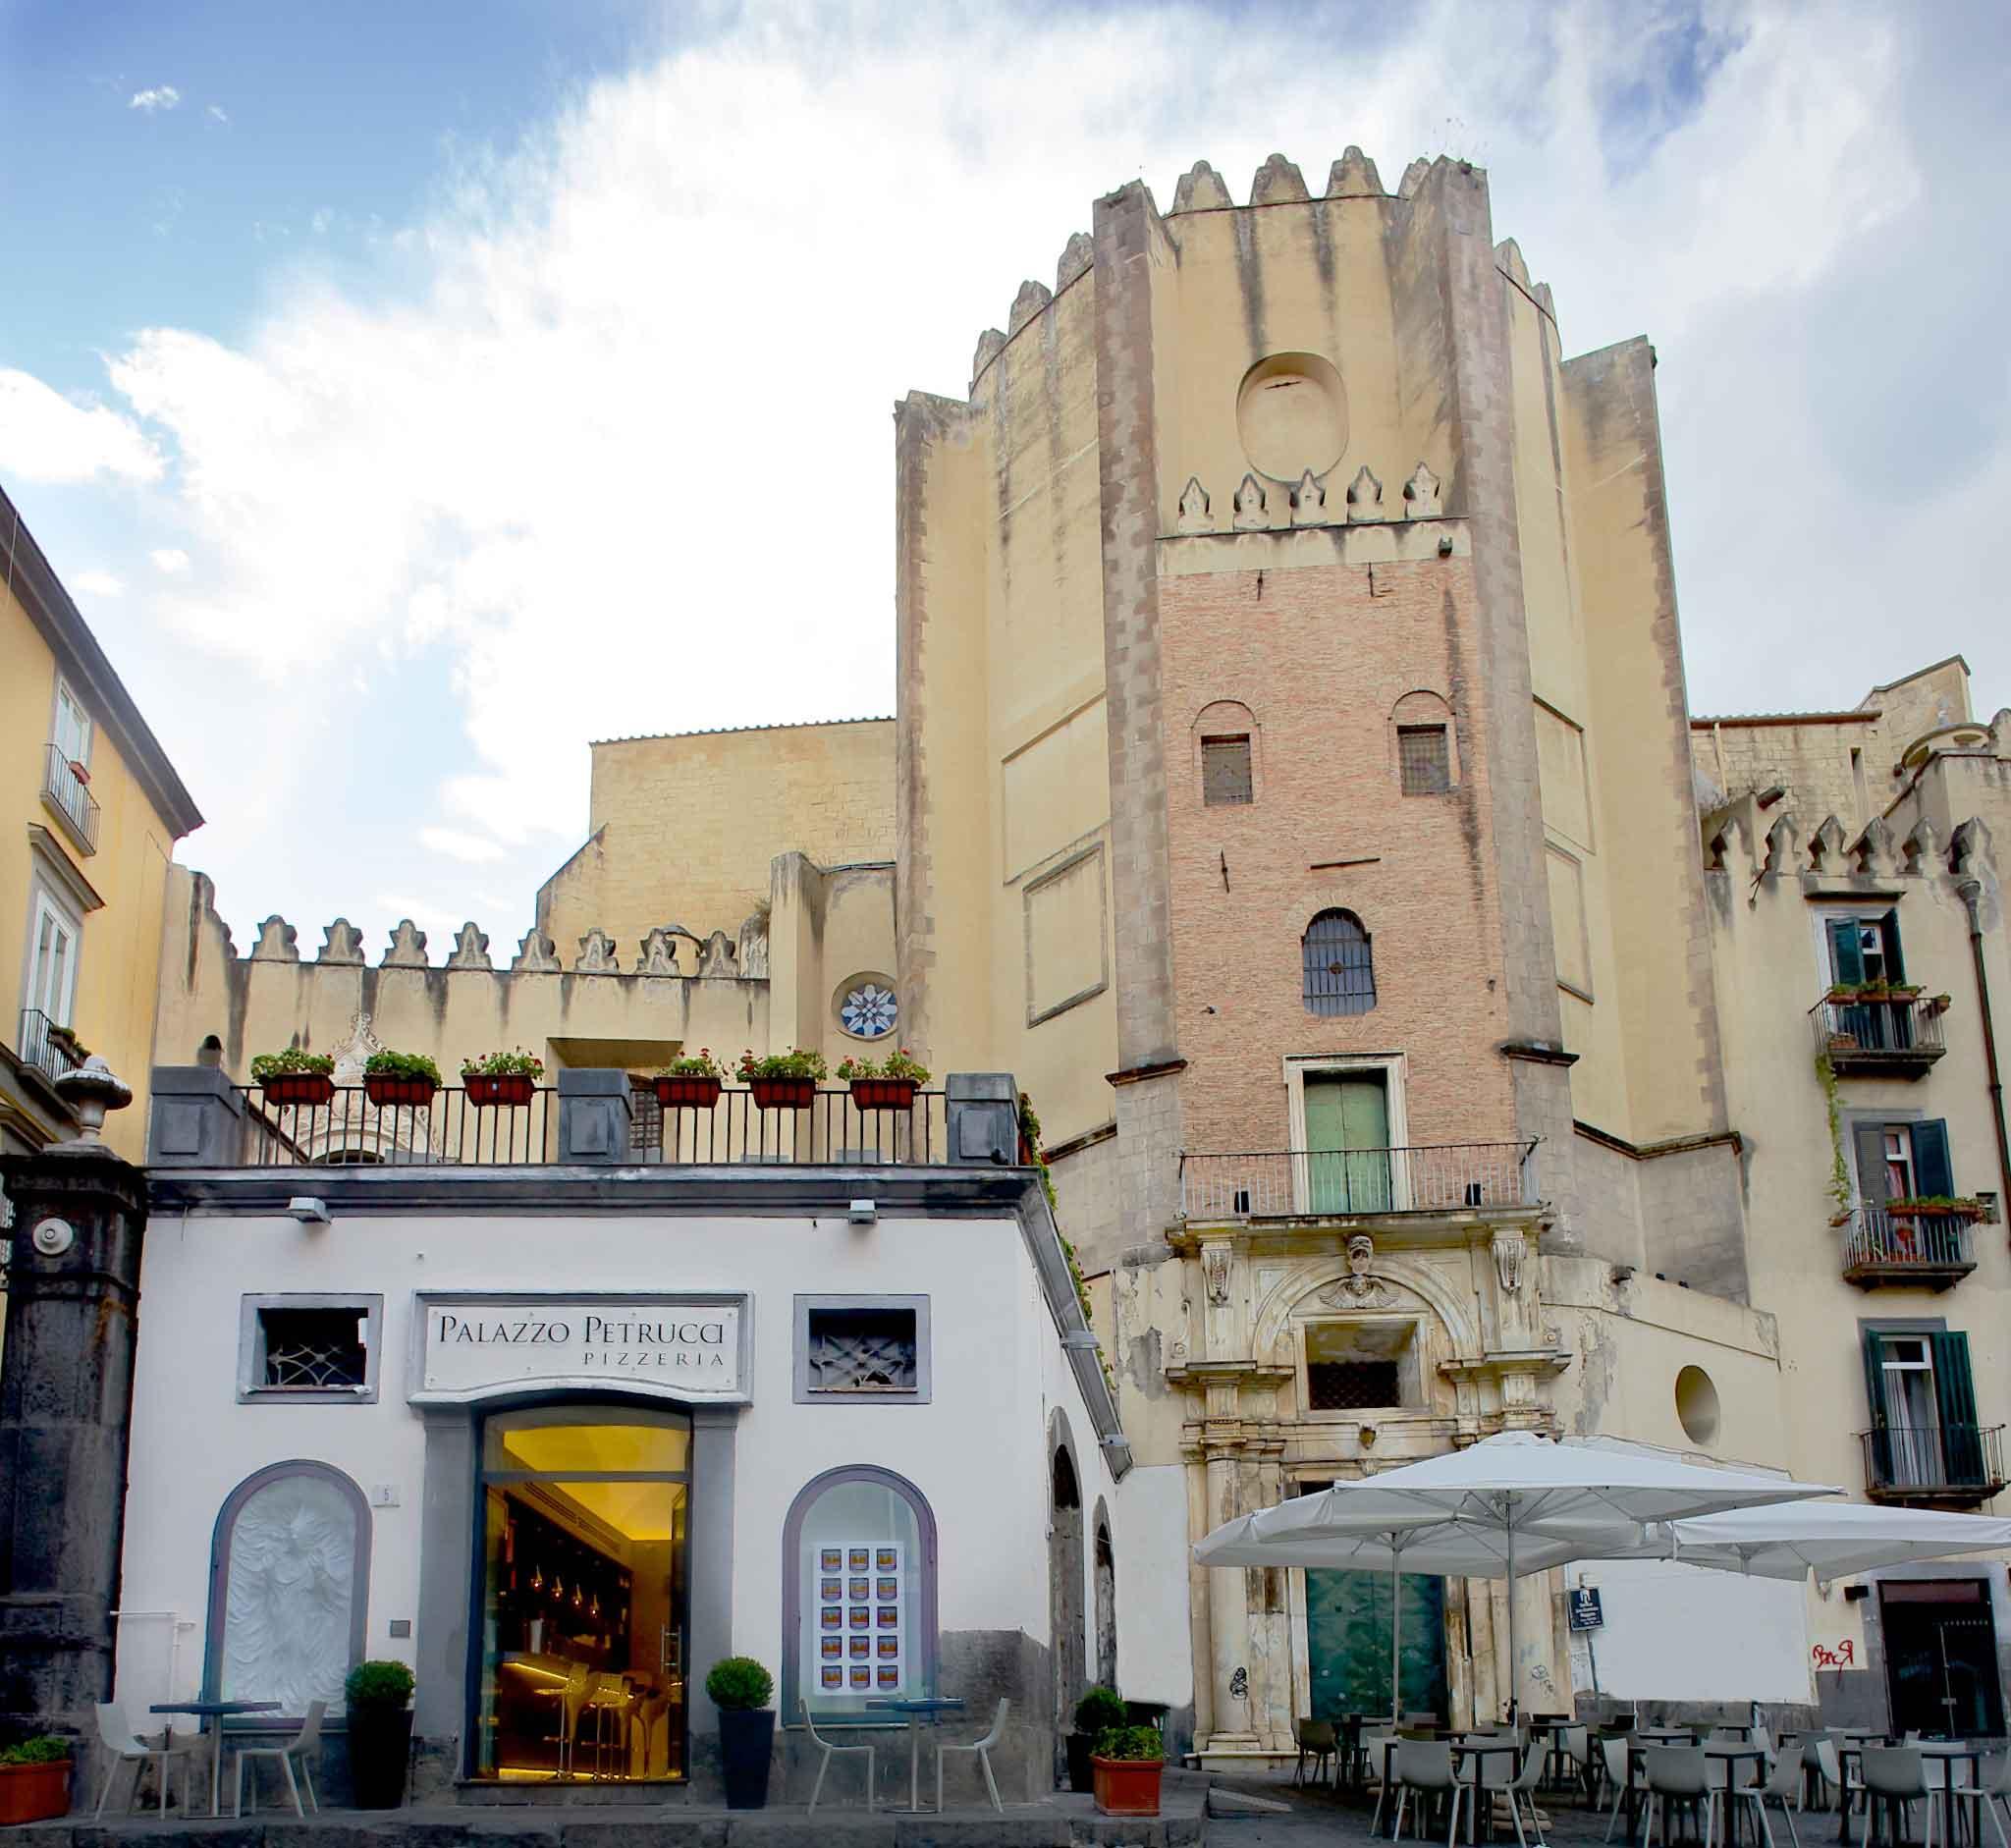 pizzerie all'aperto a Napoli: Palazzo Petrucci